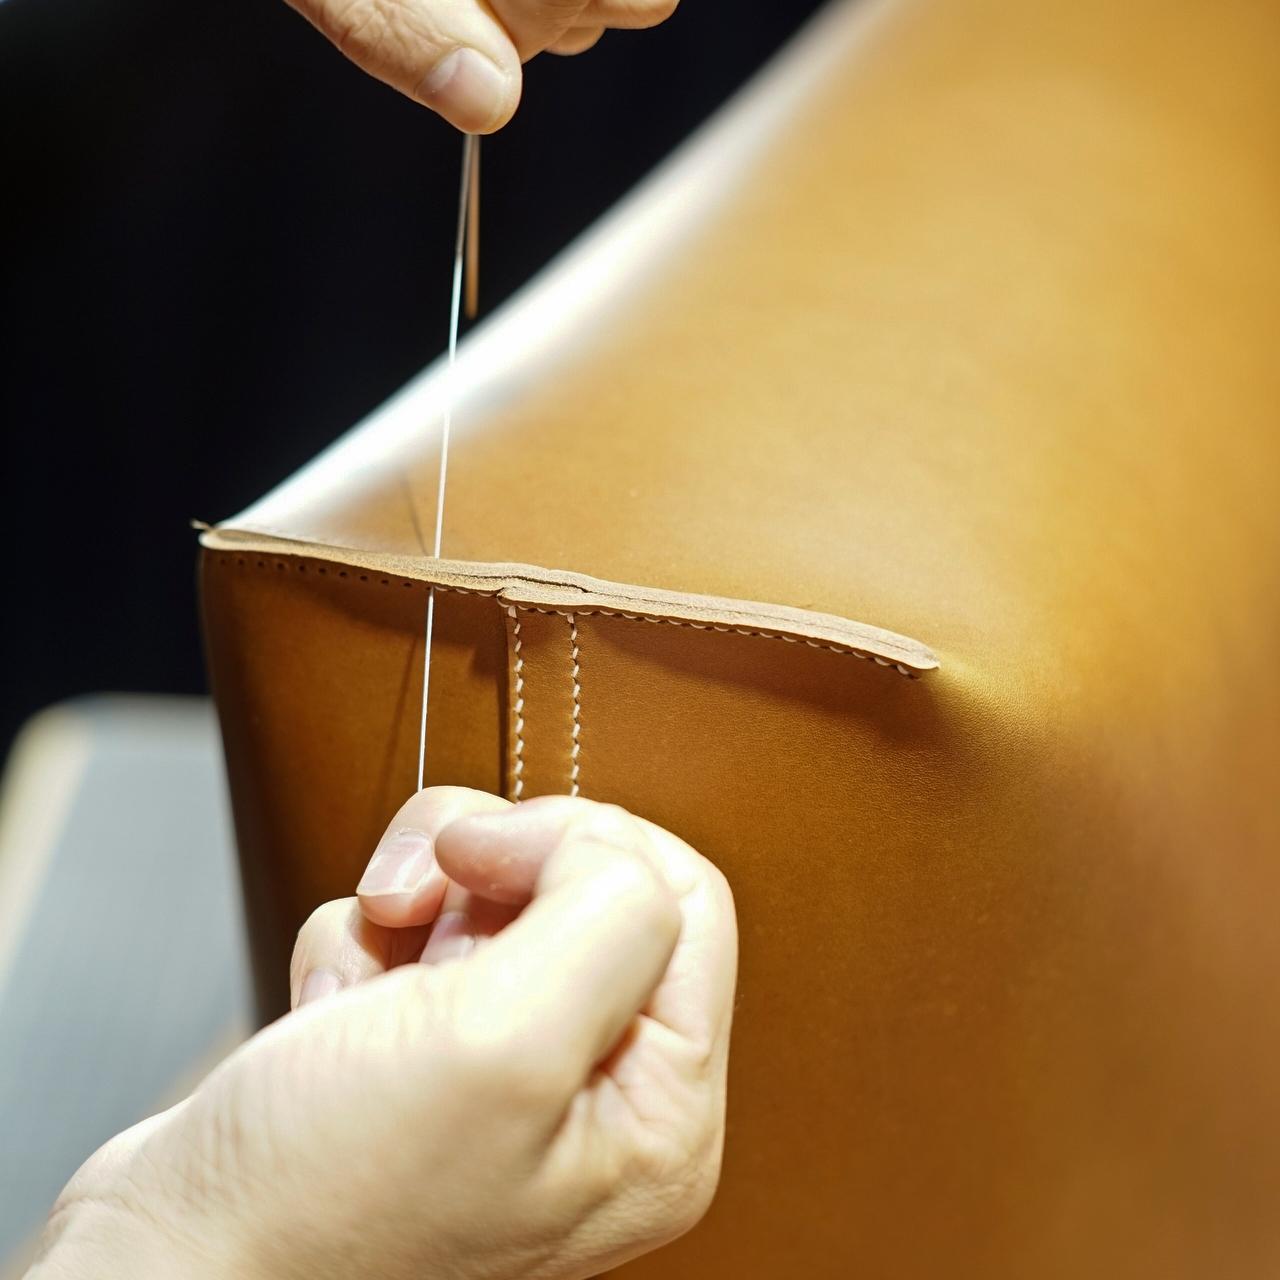 キャメルのトートバッグ2型特注サイズをつくる(本体の手縫い)